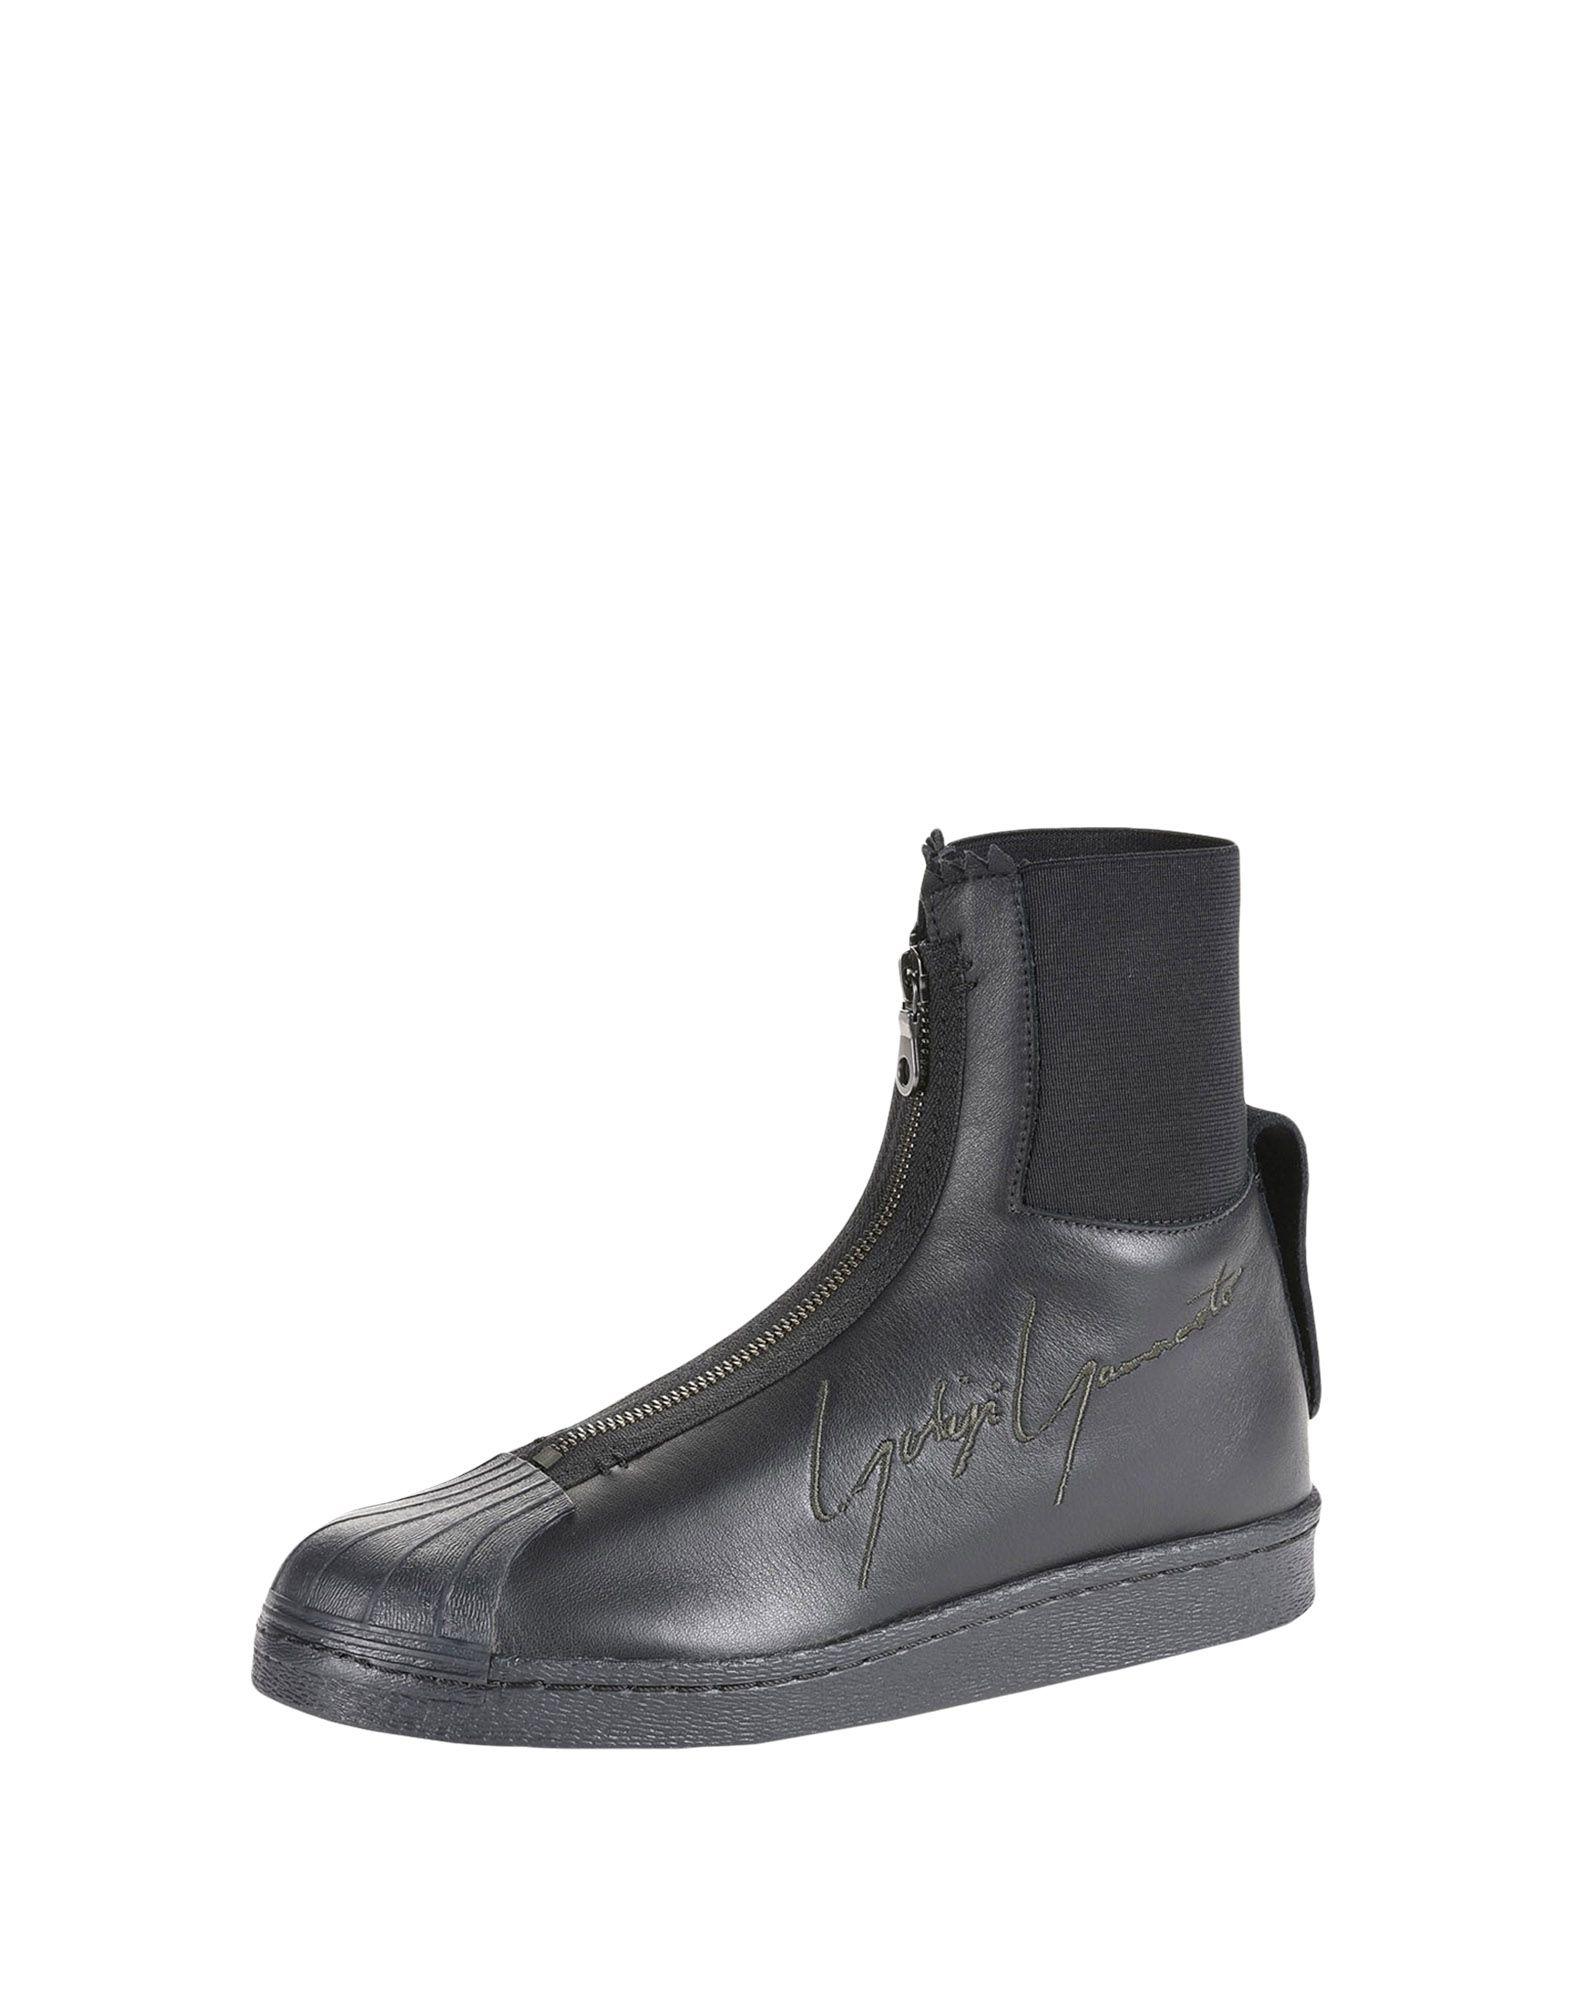 adidas yamamoto shoes- OFF 57% - www